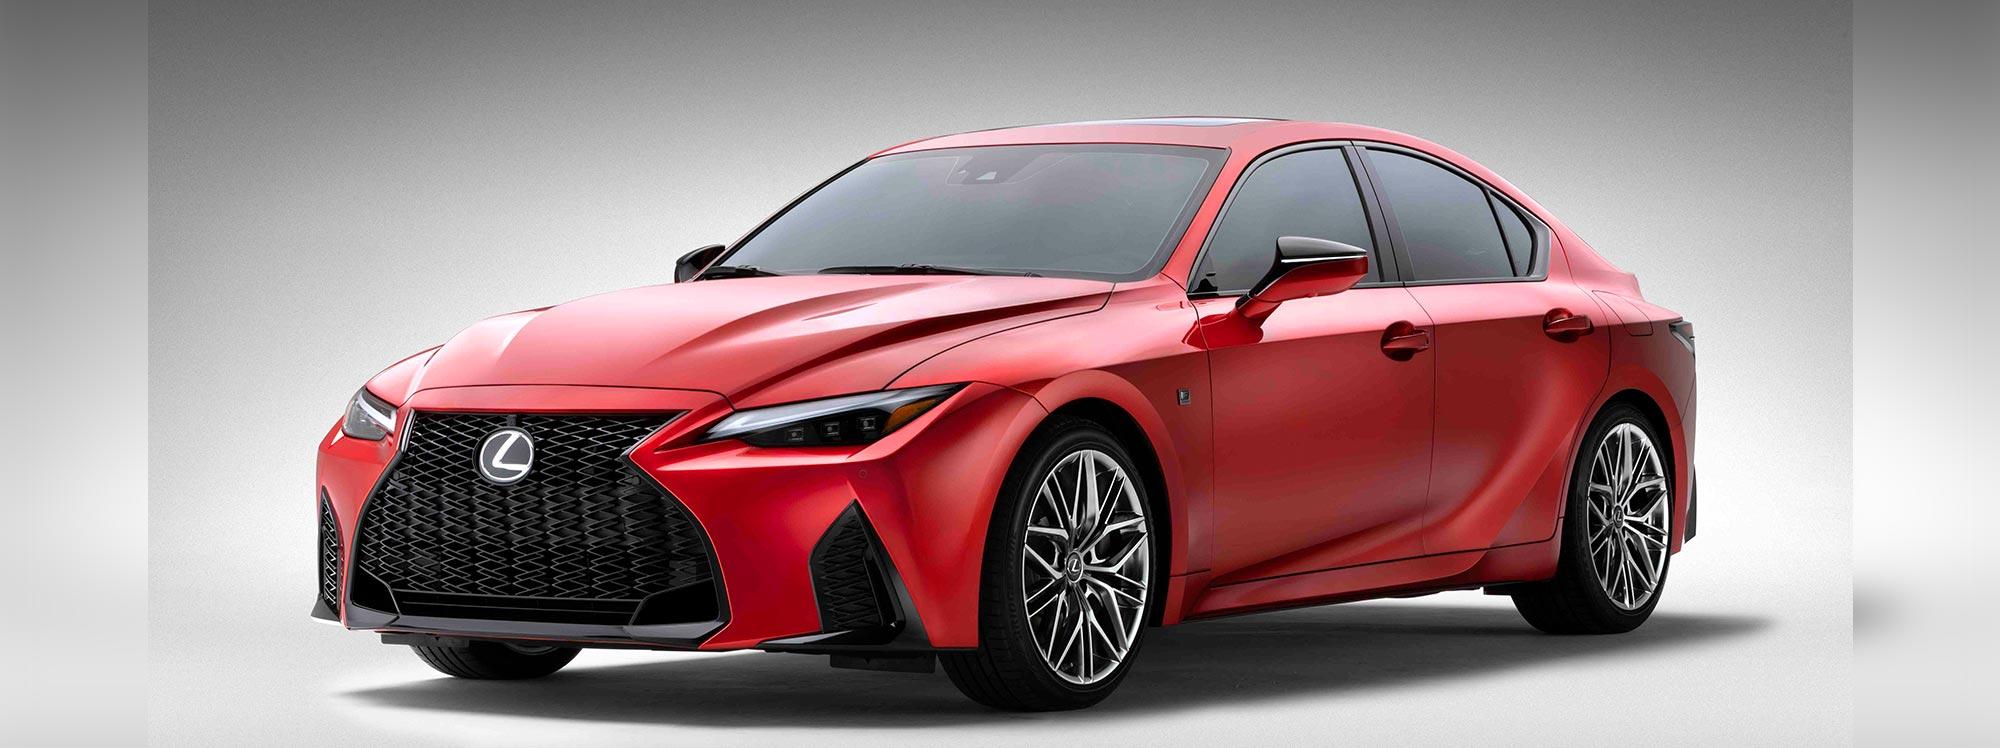 El primer Lexus de la gama F Sport